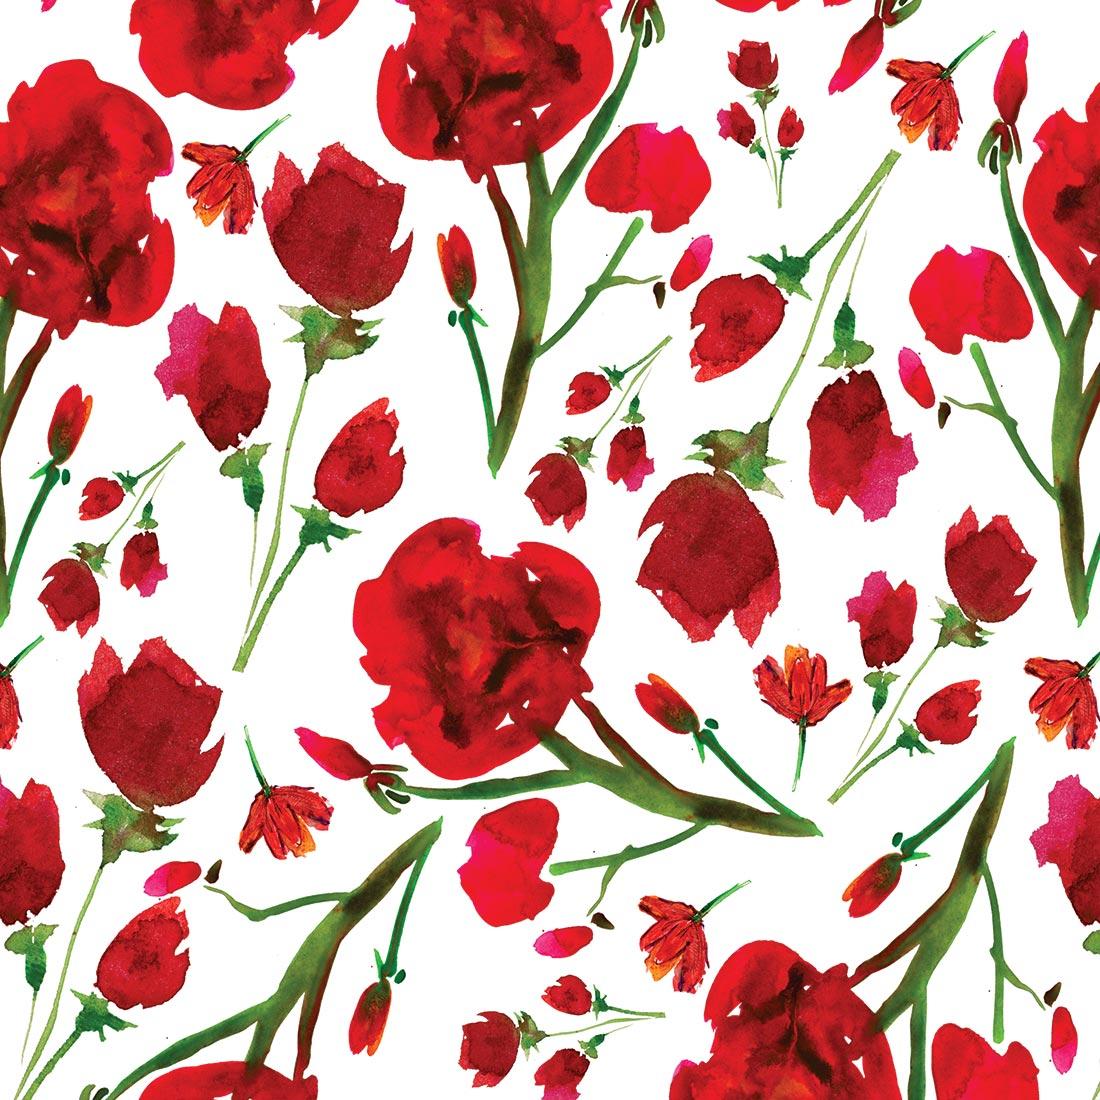 Papel De Parede Adesivo Rosas Vermelhas Em Guache Brinde